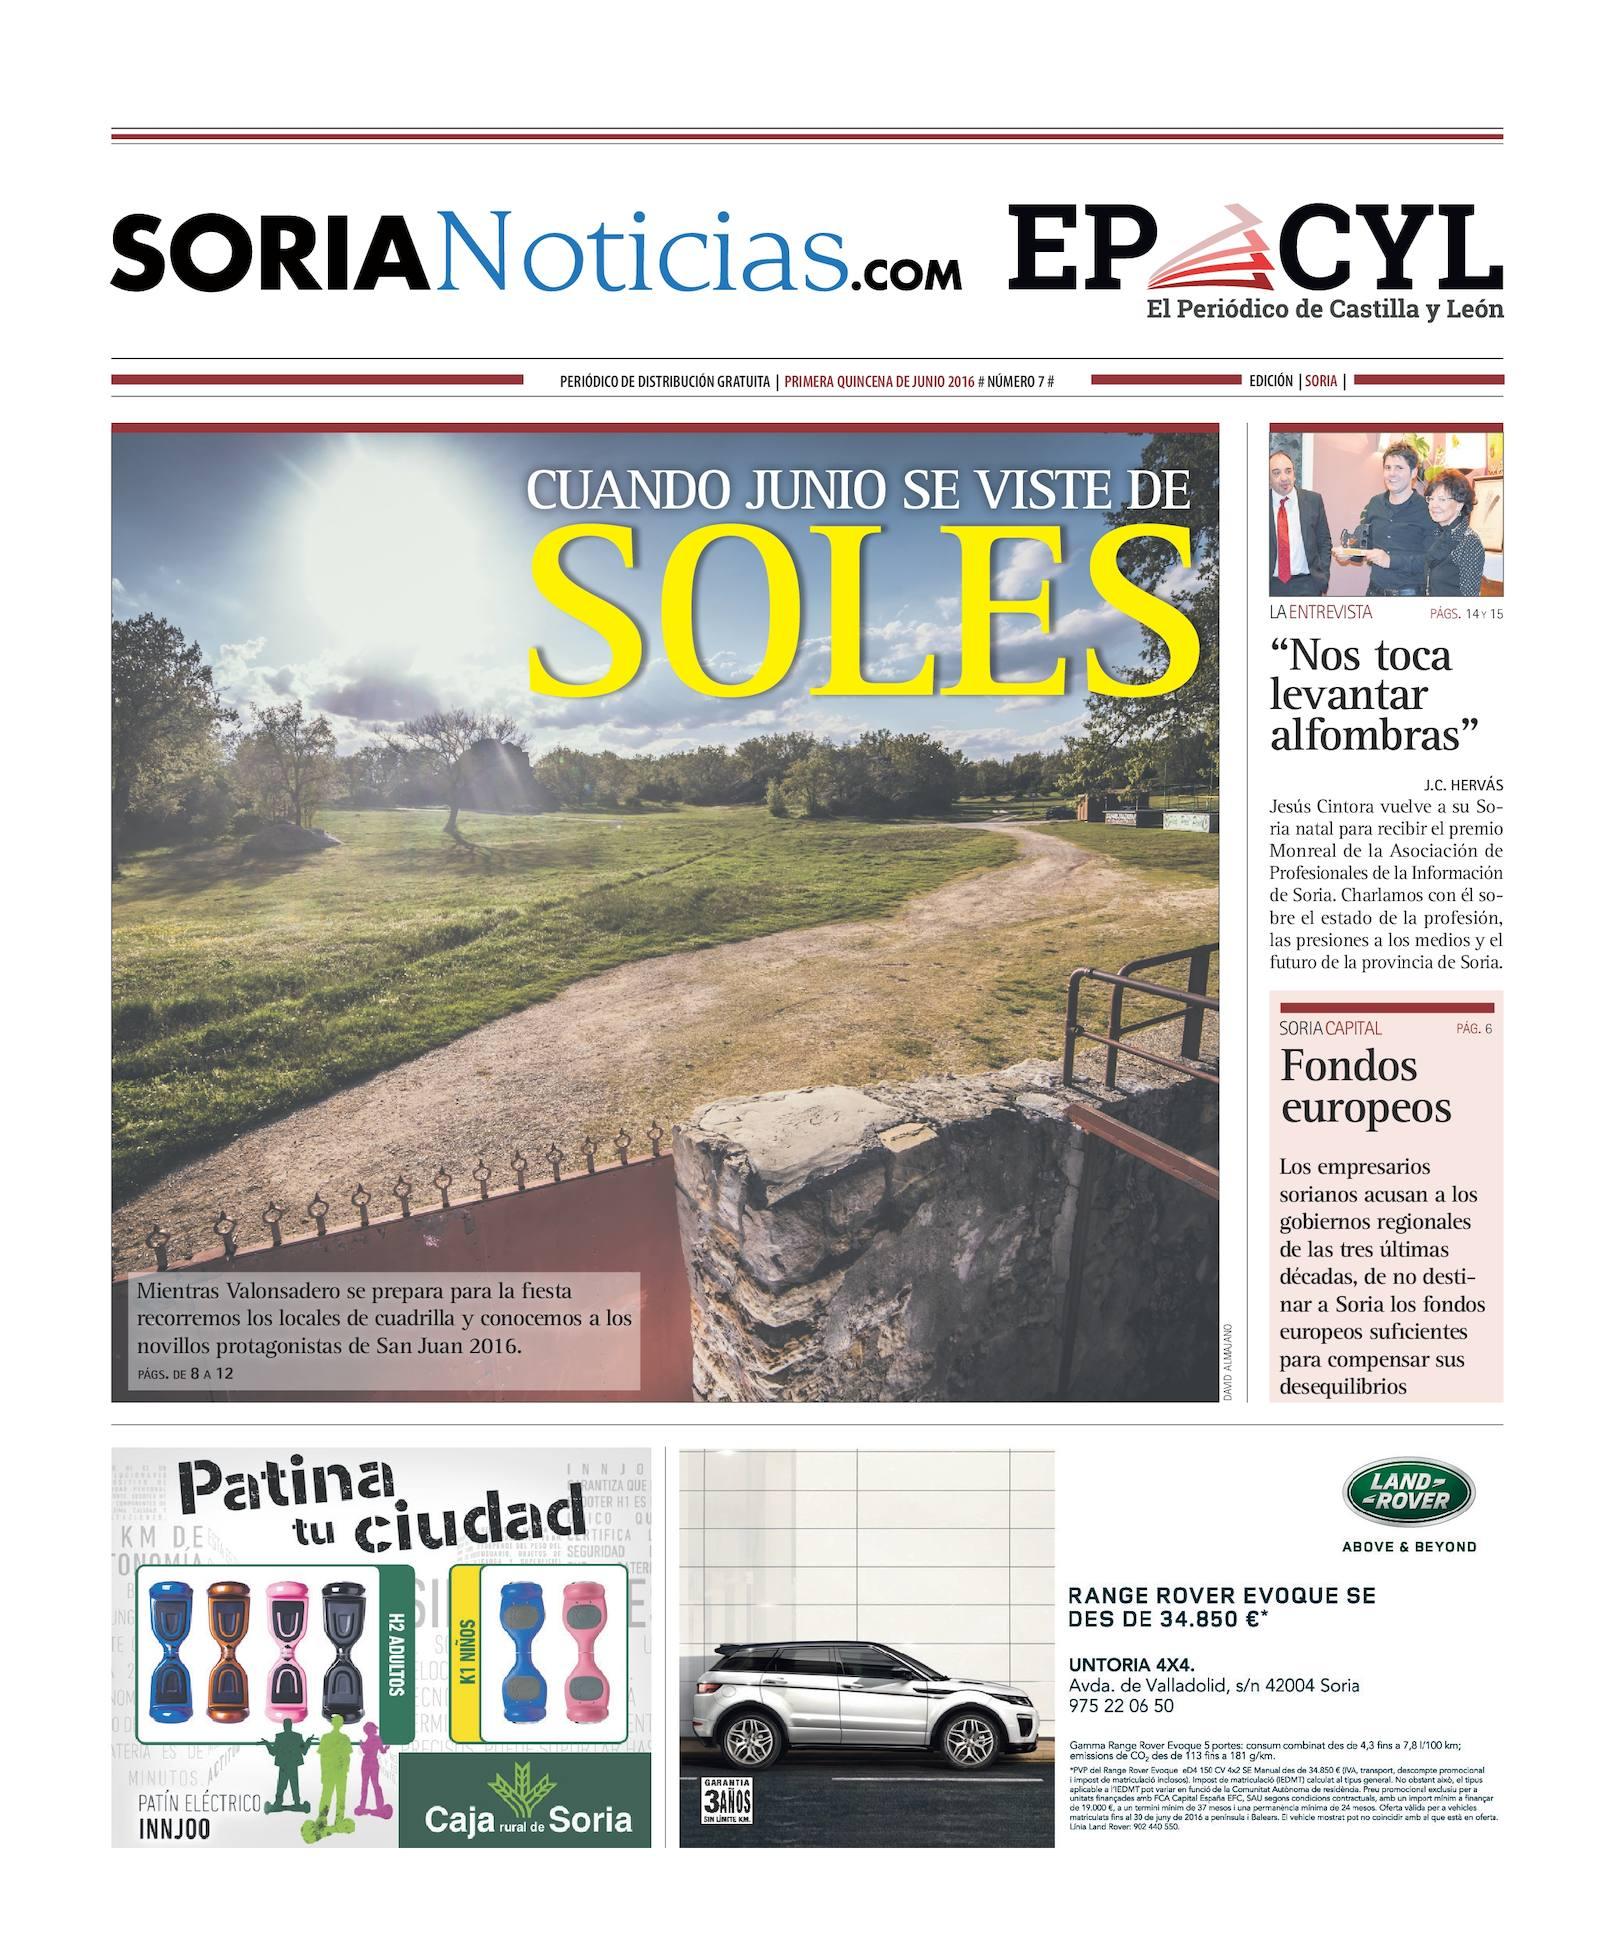 1e77f1647c12 Calaméo - N7 - Sorianoticias - EPCYL